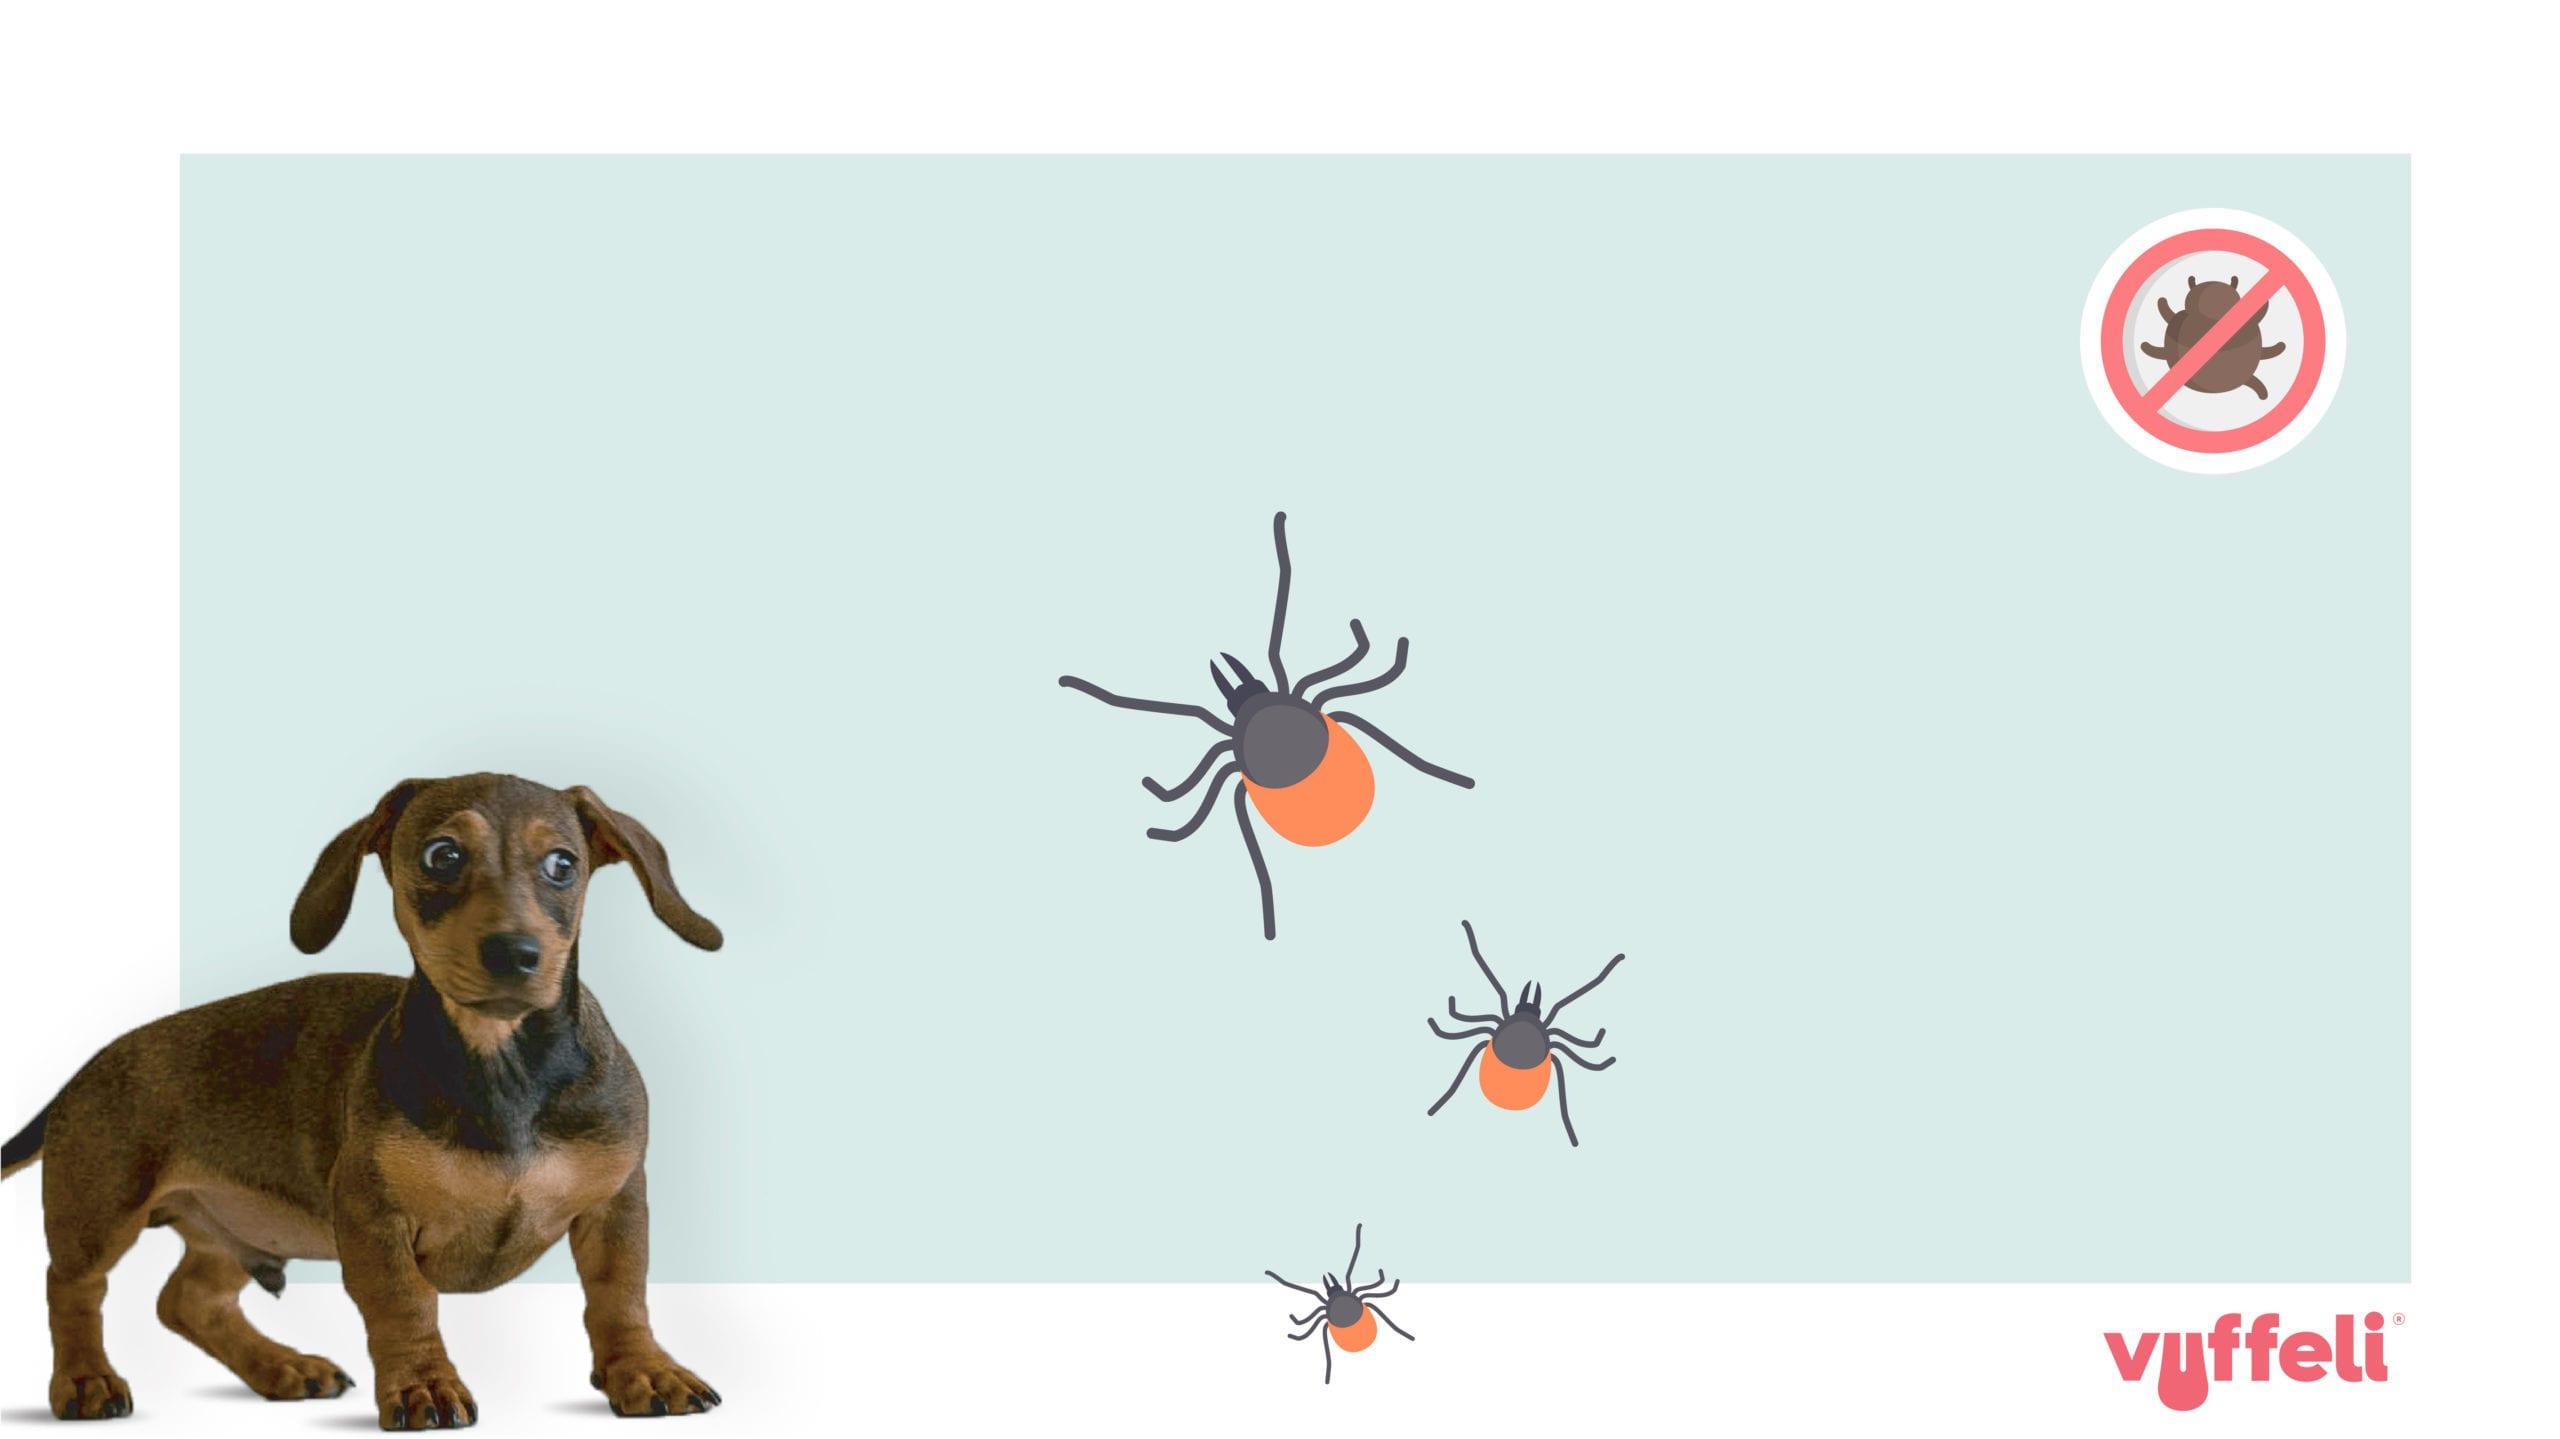 hund og tægeVuffeli hundeblog